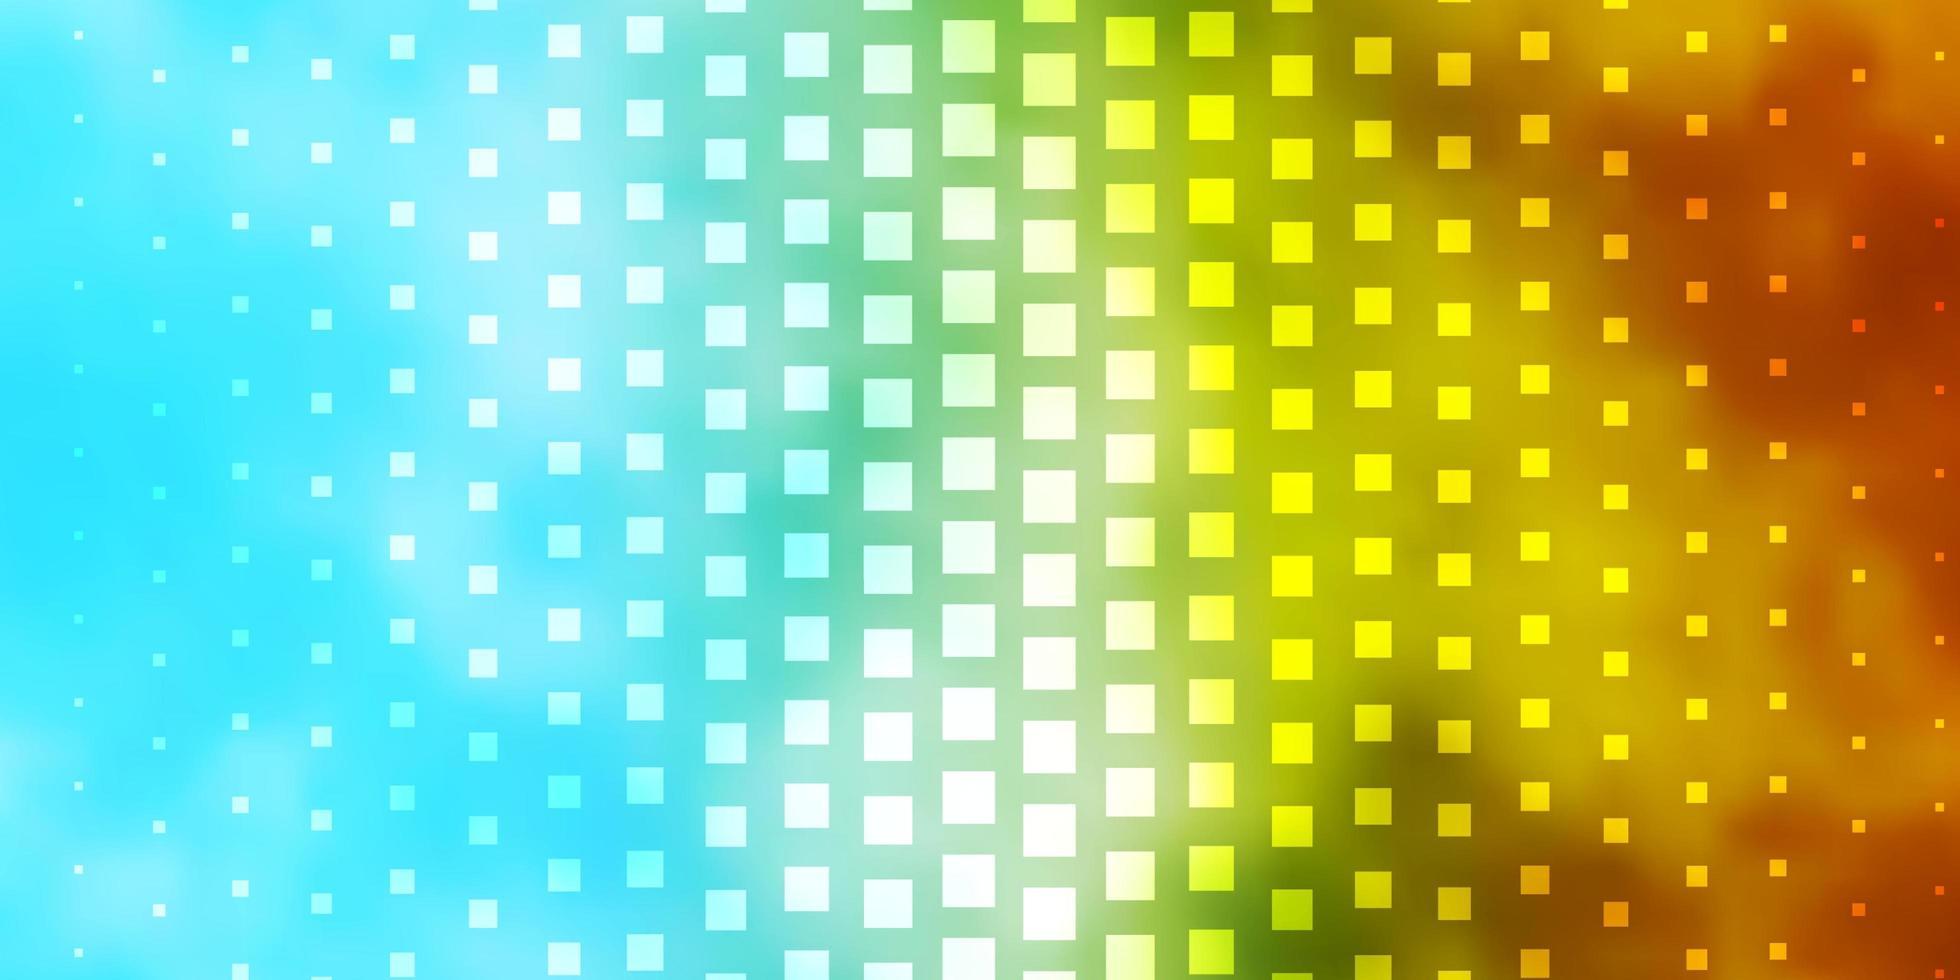 hellblaue, gelbe Schablone in Rechtecken. vektor